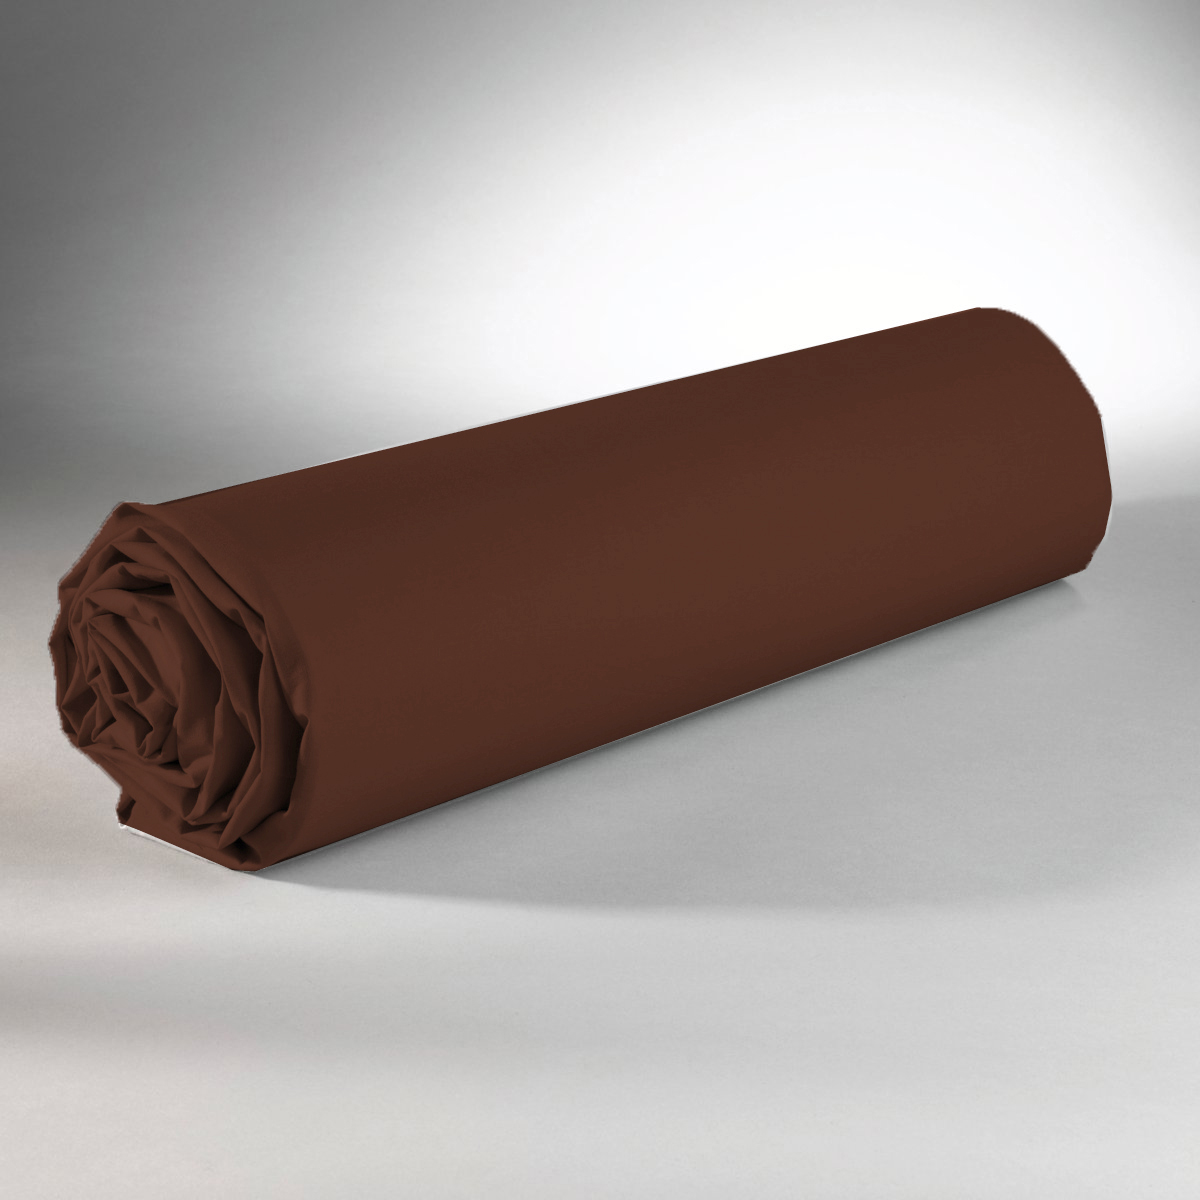 Drap housse 100% coton 180x200+25 marron